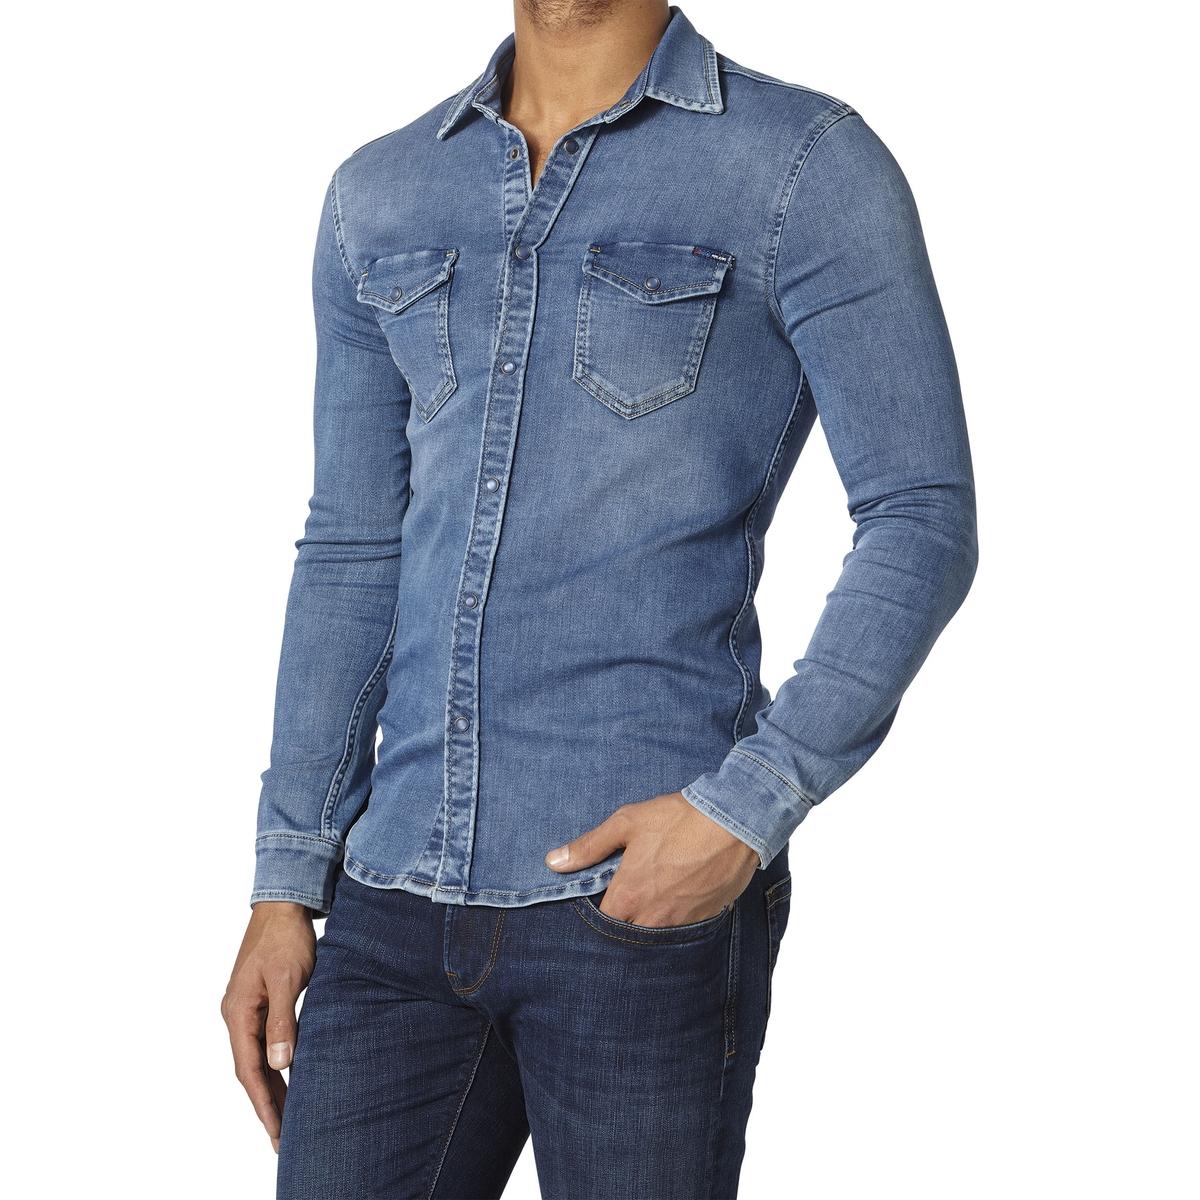 Рубашка однотонная с длинными рукавамиДетали •  Длинные рукава •  Приталенный покрой  •  Классический воротникСостав и уход •  80% хлопка, 1% эластана, 19% эластомультиэстера •  Следуйте советам по уходу, указанным на этикетке<br><br>Цвет: синий